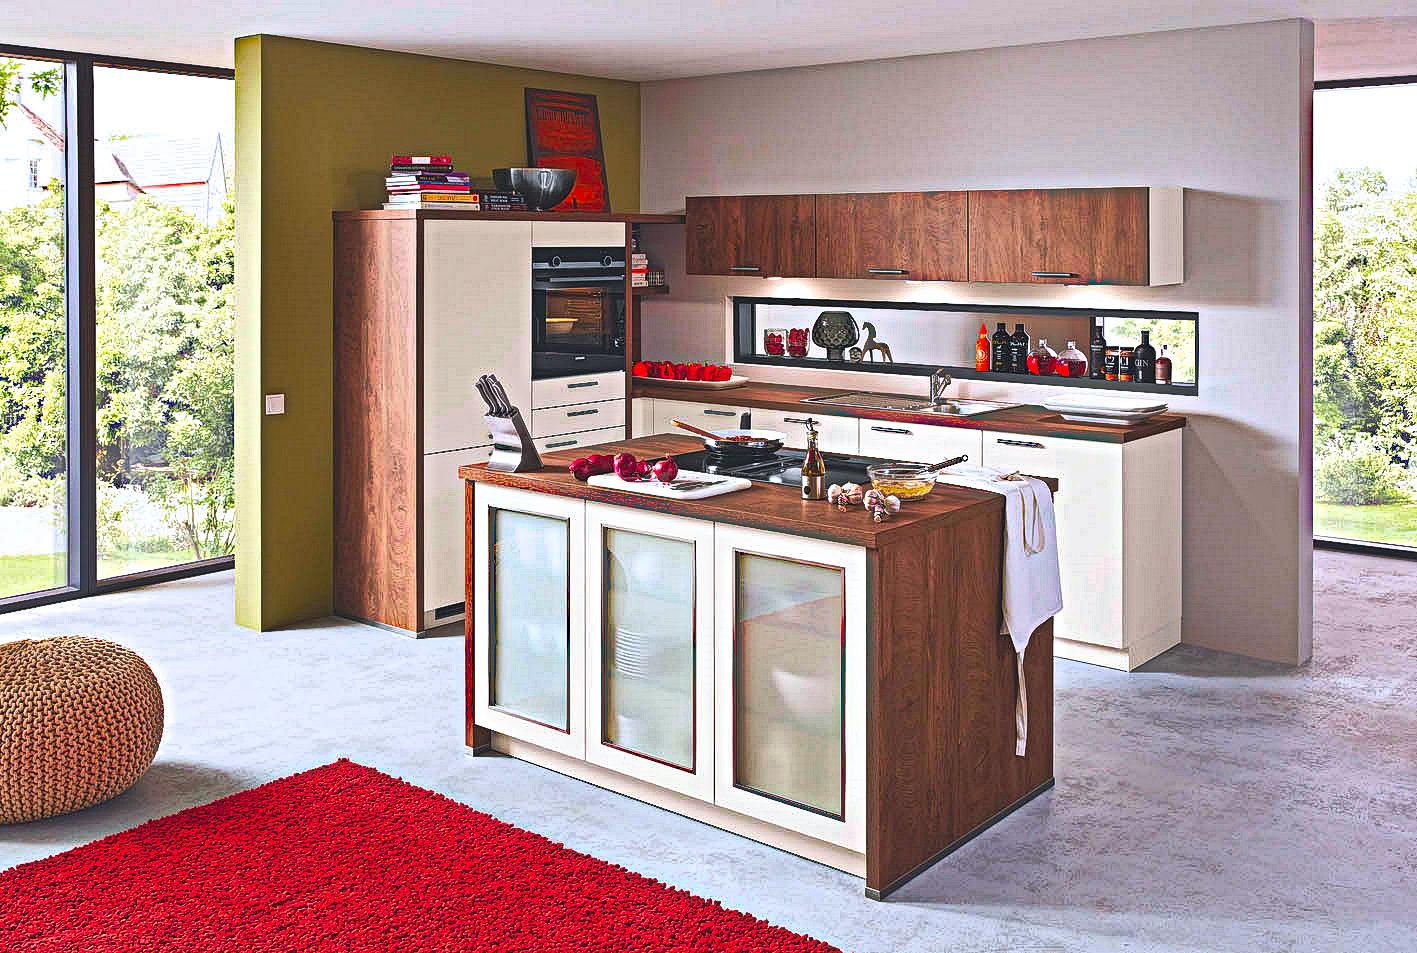 Full Size of U Küche Mit Insel Küche Mit Insel Grundriss Küche Mit Insel Günstig Küche Mit Insel Modern Küche Küche Mit Insel